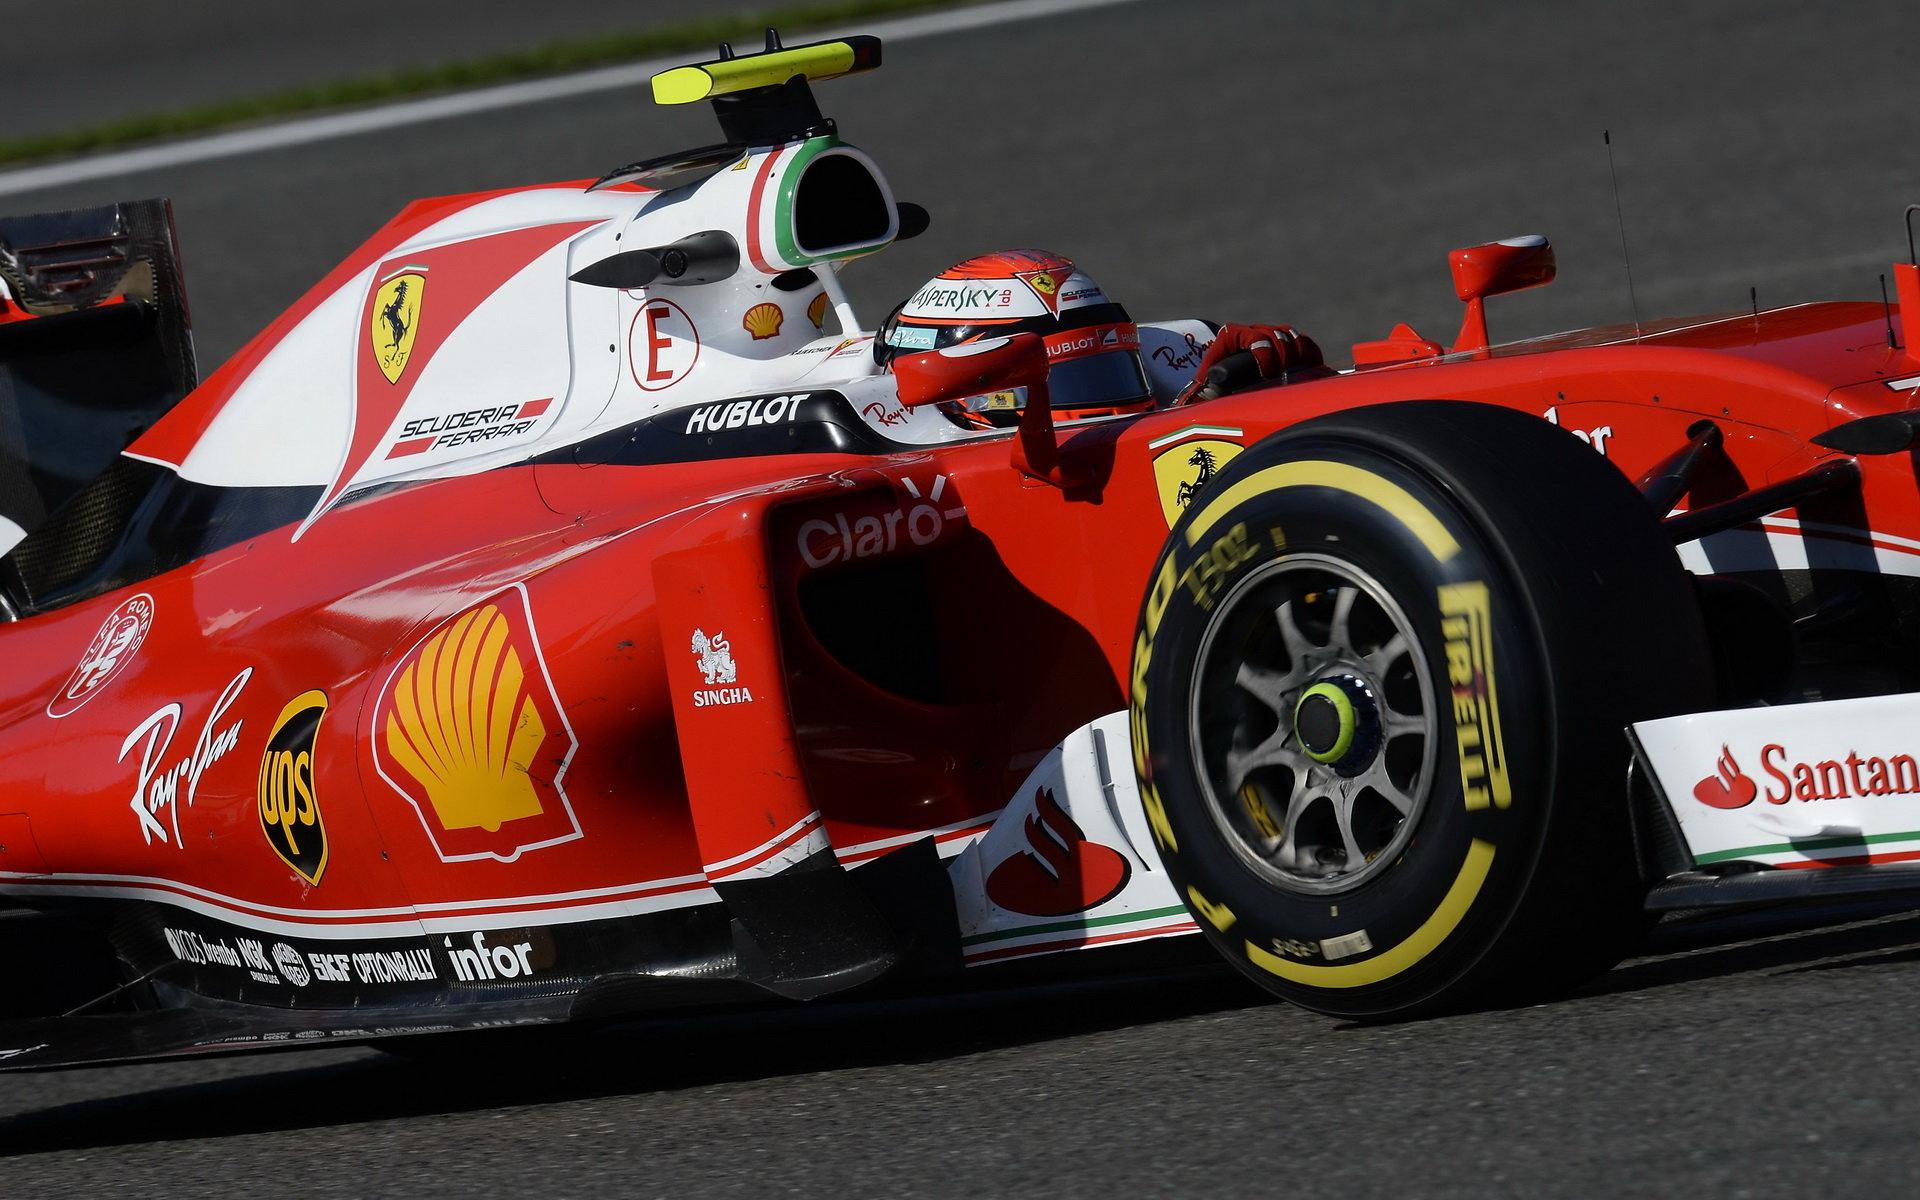 Třetí trénink: Räikkönen nejrychlejší, Verstappen v problémech - anotační obrázek